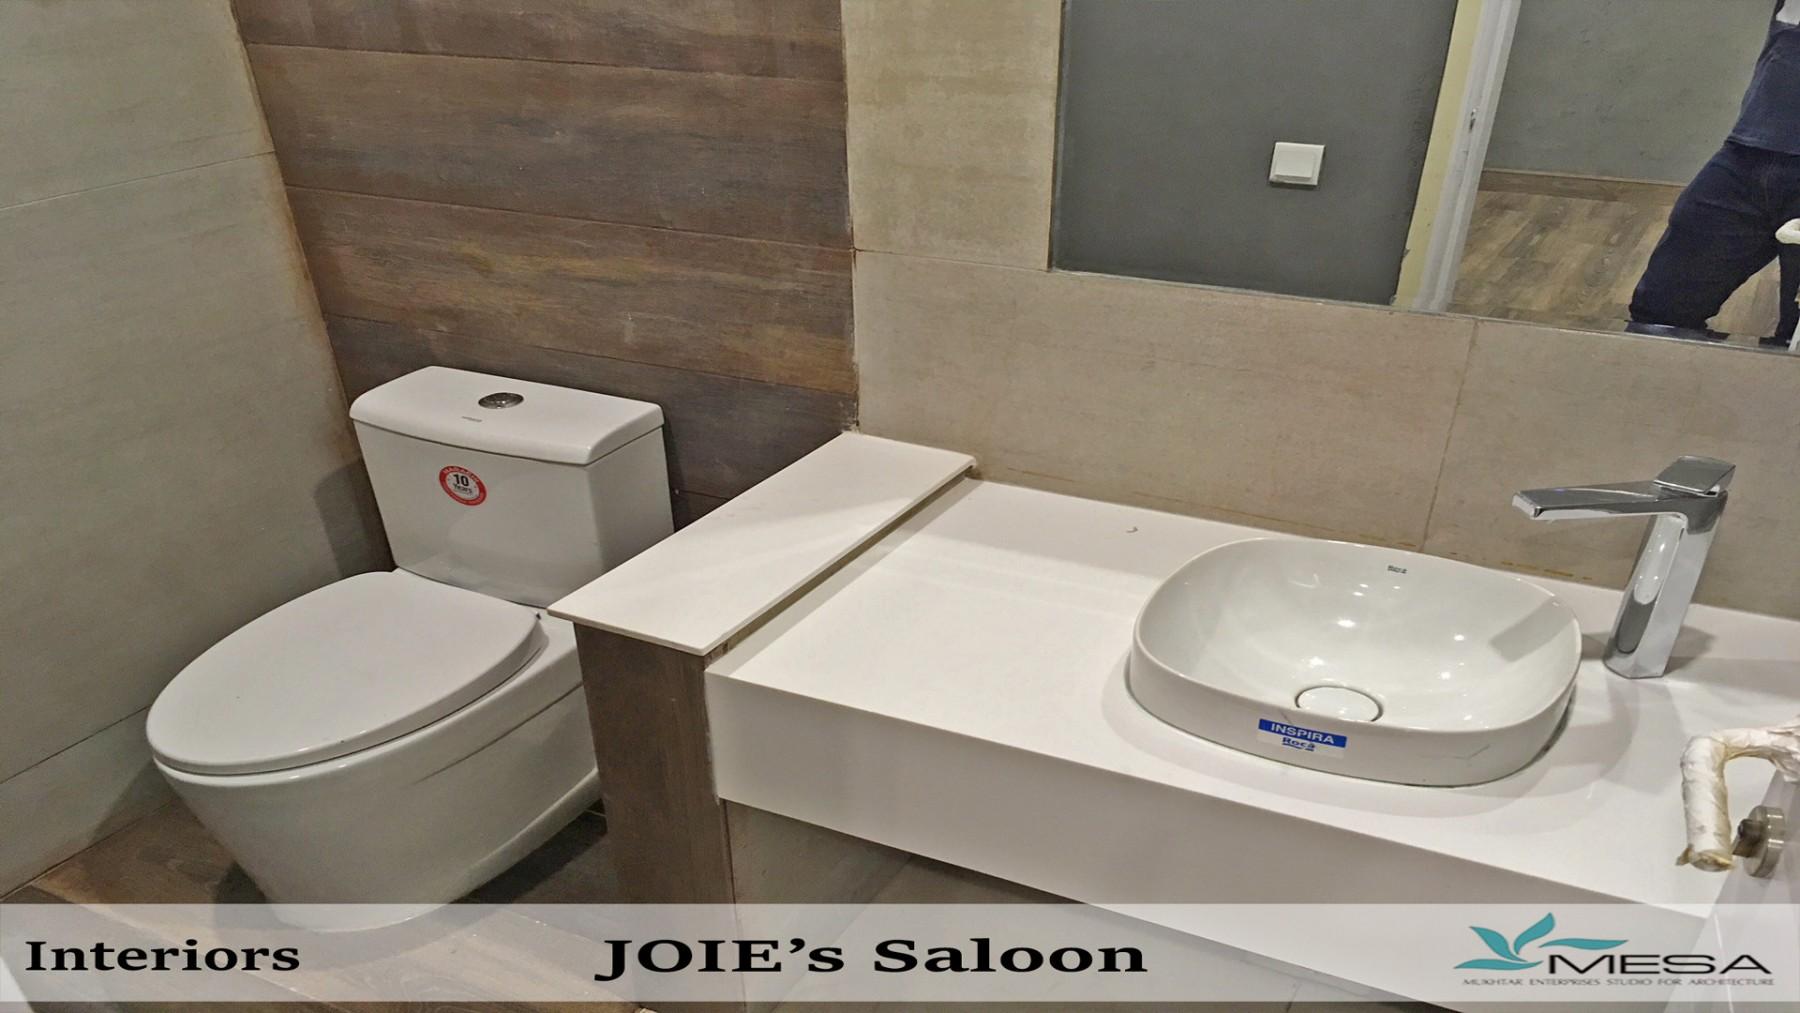 JOIEs-Saloon-8